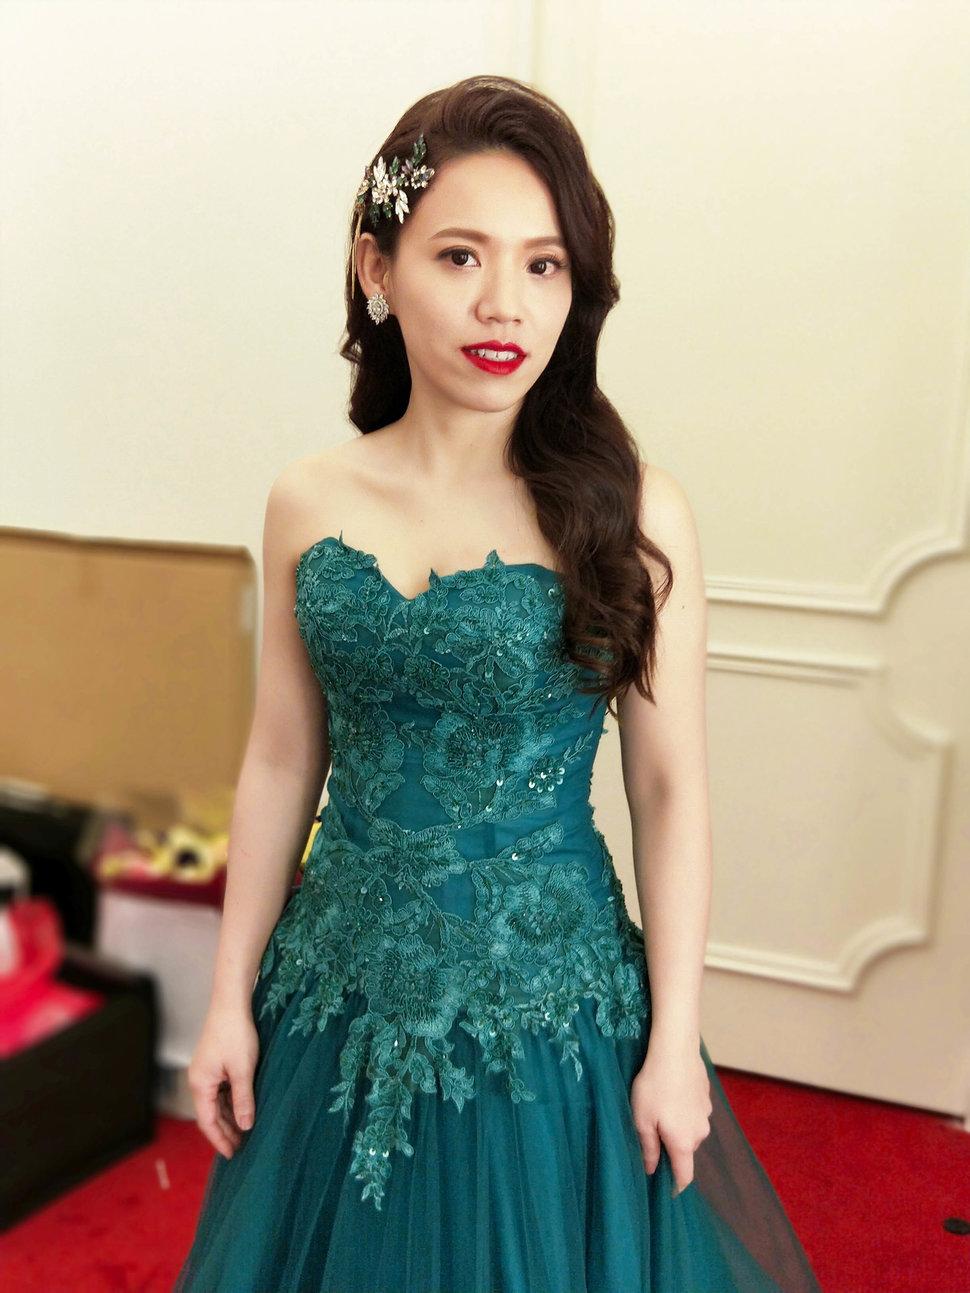 IMG20171112144435 - 新娘秘書 Yumi陳竹竹 造型工作室 - 結婚吧